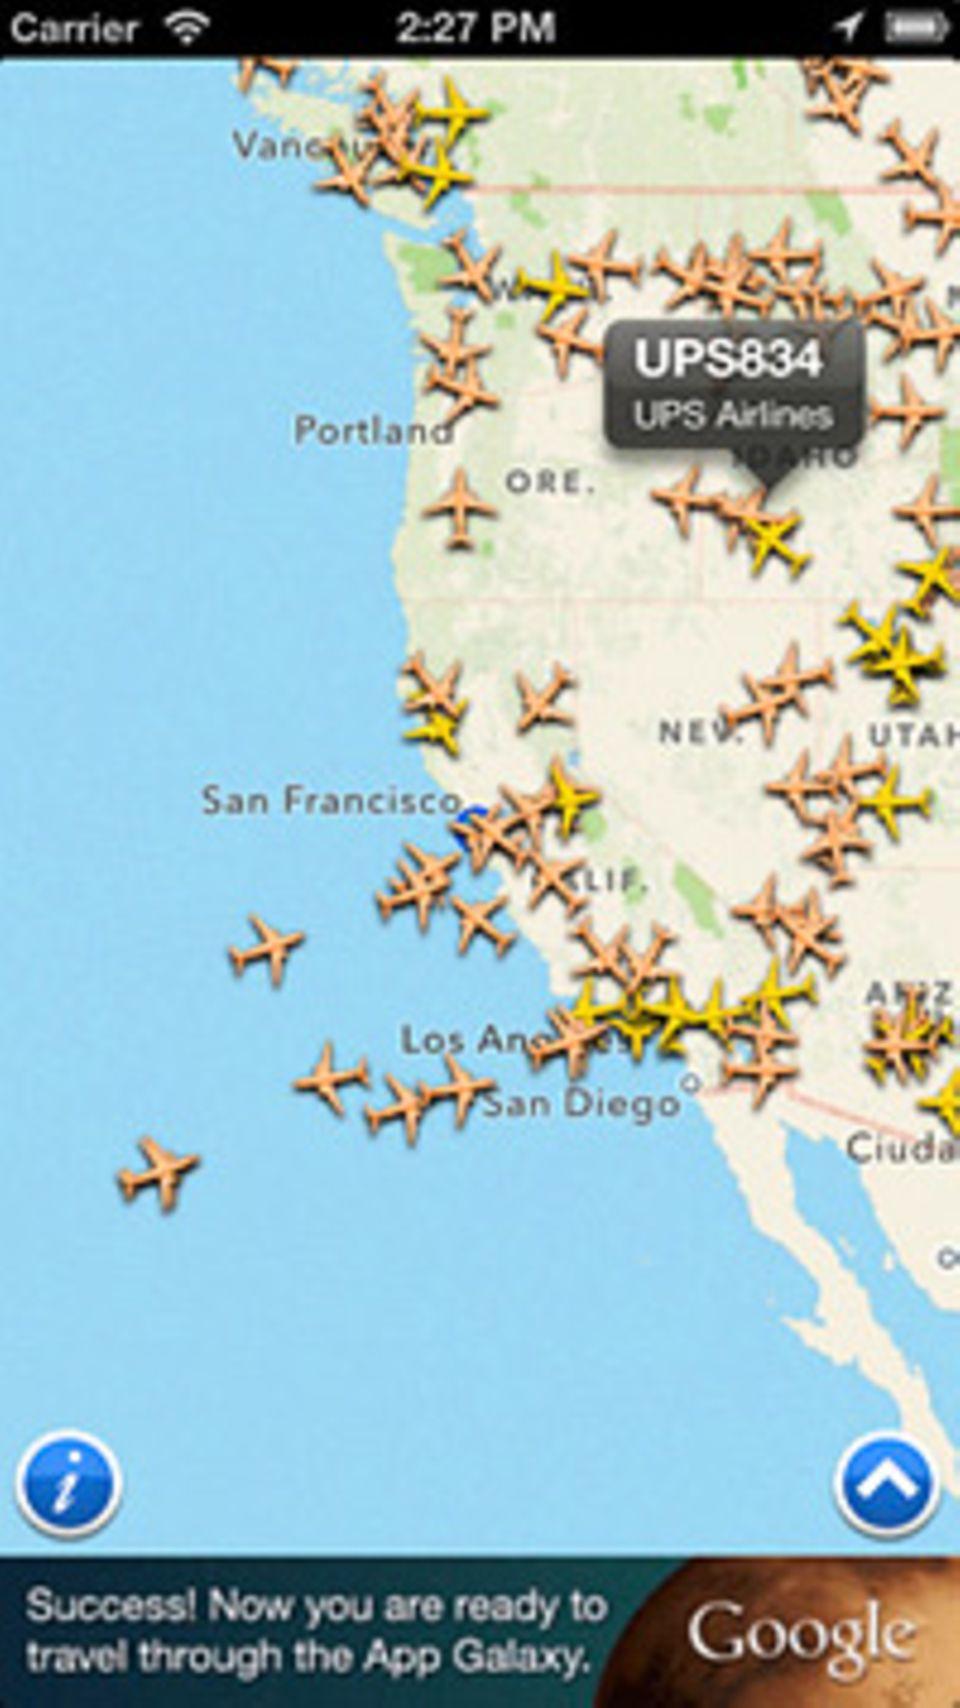 Flightradar scannt die Flieger am Himmel